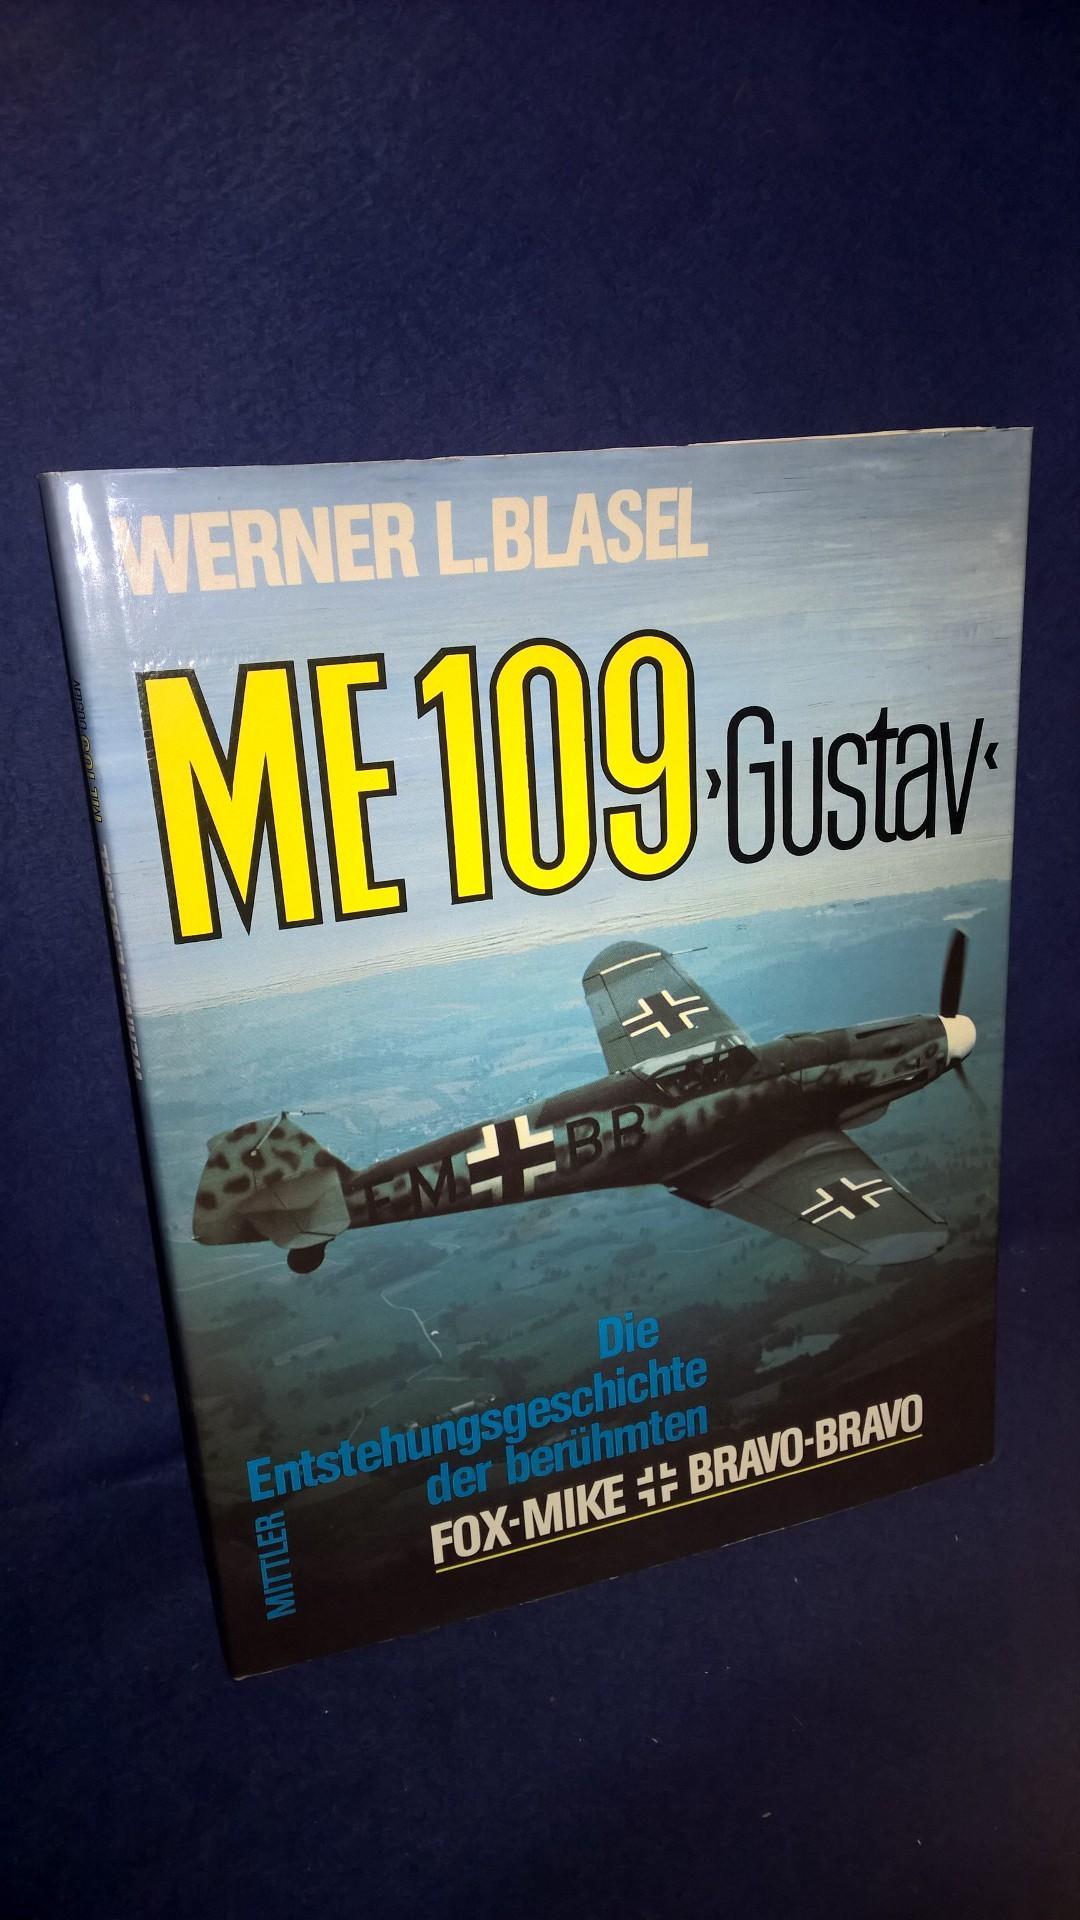 ME 109 Gustav. Die Entstehungsgeschichte der berühmten Fox-Mike Bravo-Bravo.